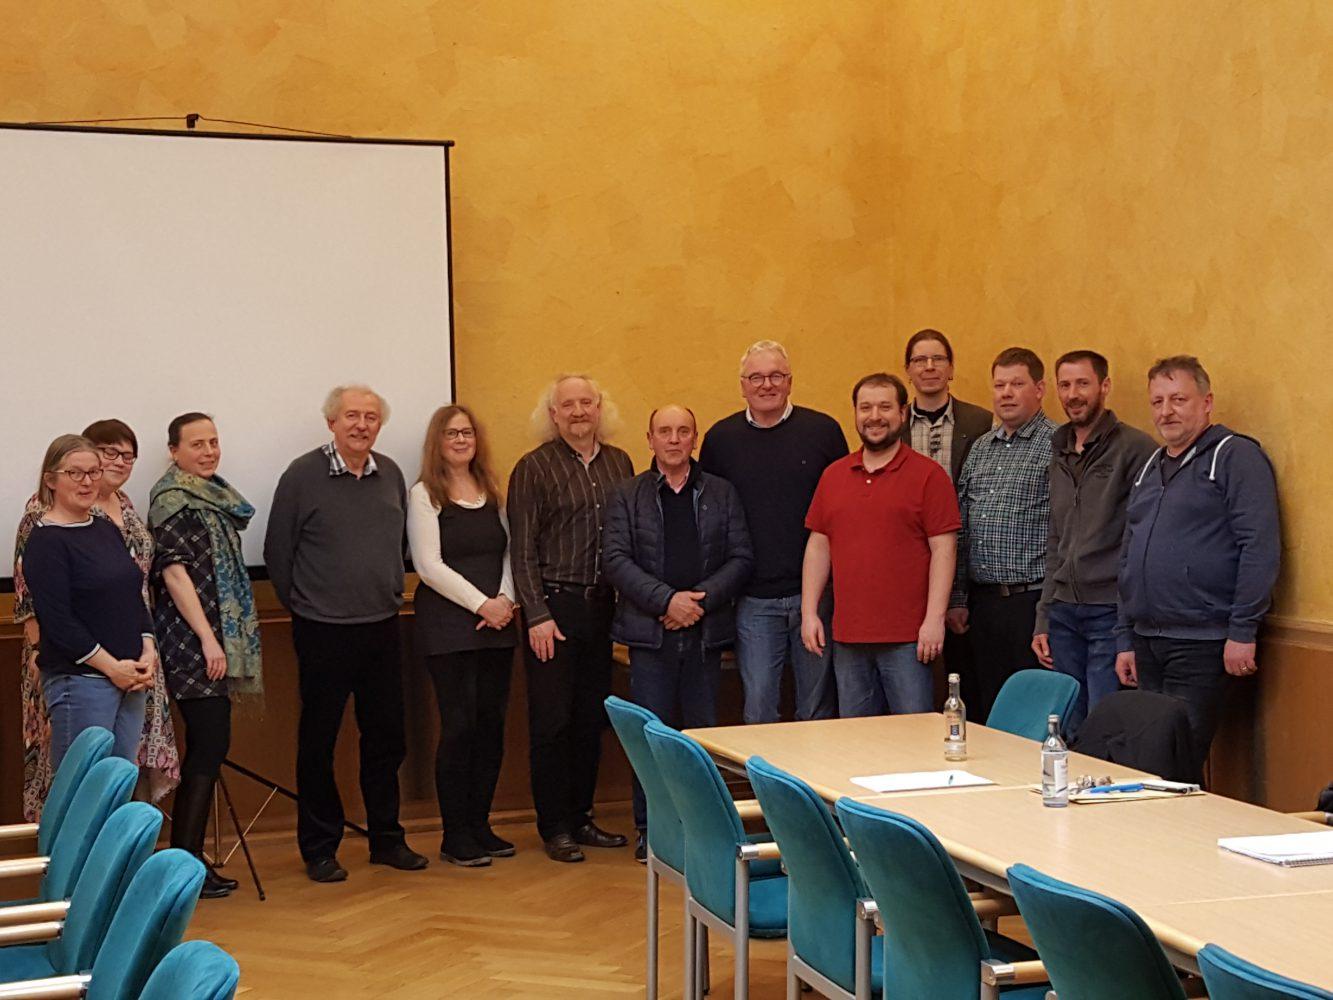 Gemeinsame Sitzung im Gebäude der Kreisverwaltung Ahrweiler